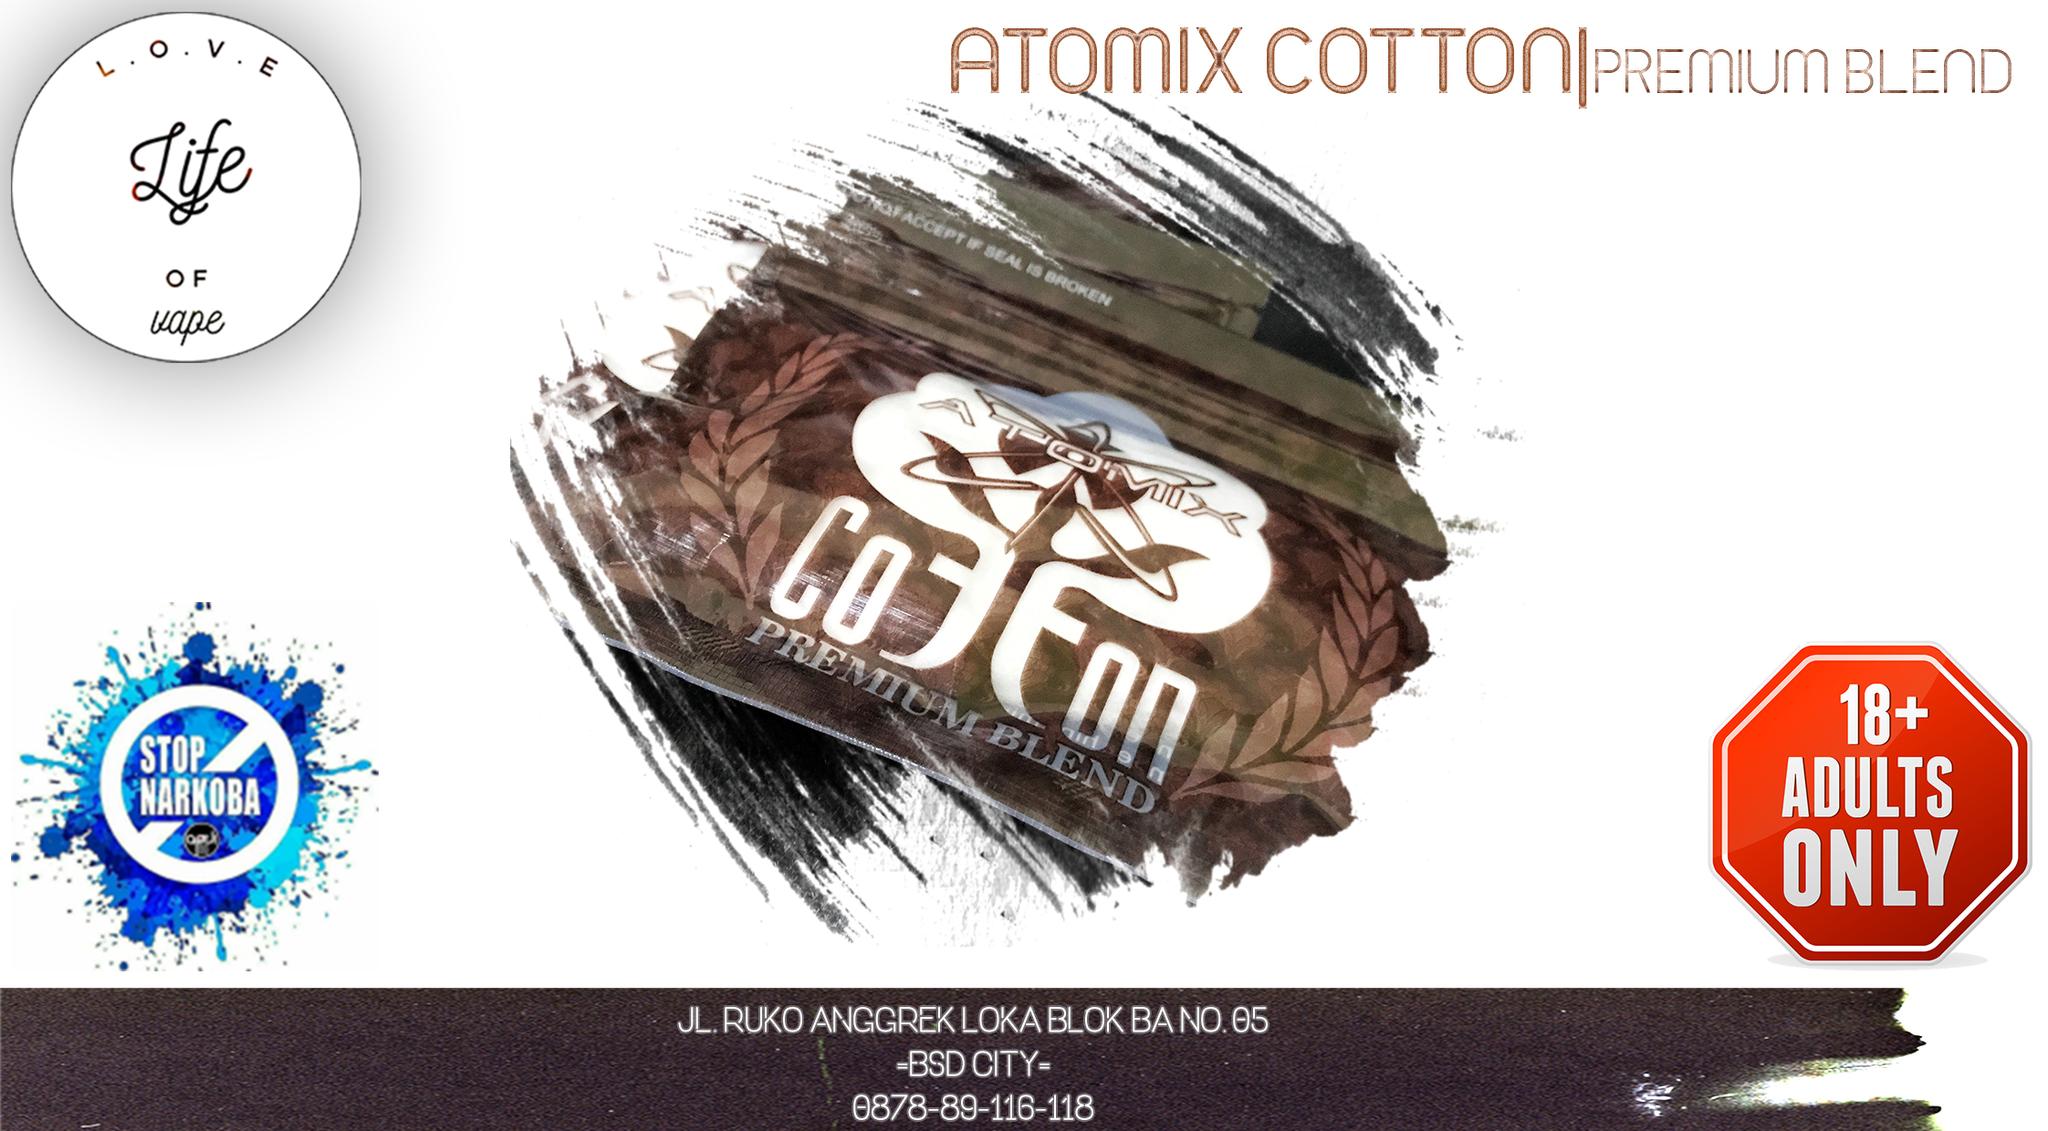 Jual Atomix Cotton Premium Blend Life Of Fave Tokopedia Coklat Kapas Organik Vapor